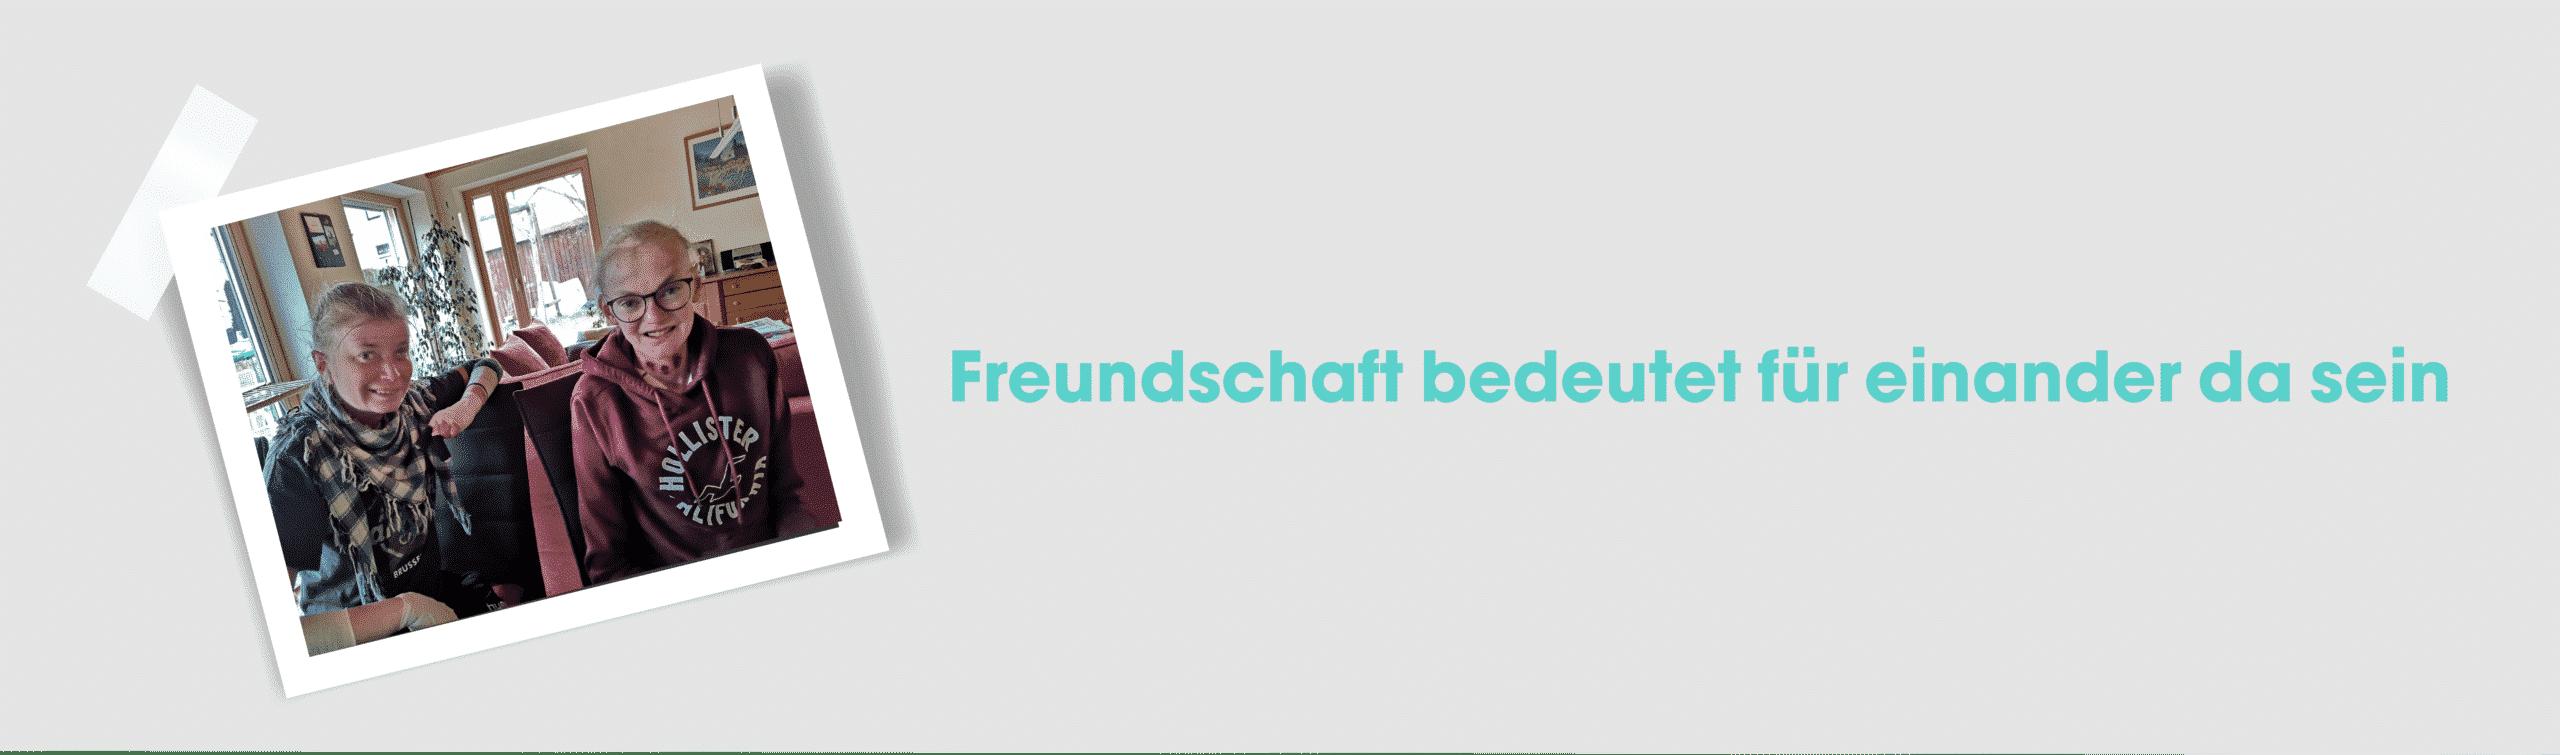 schmetterlingskinder-blog-freundschaft-header